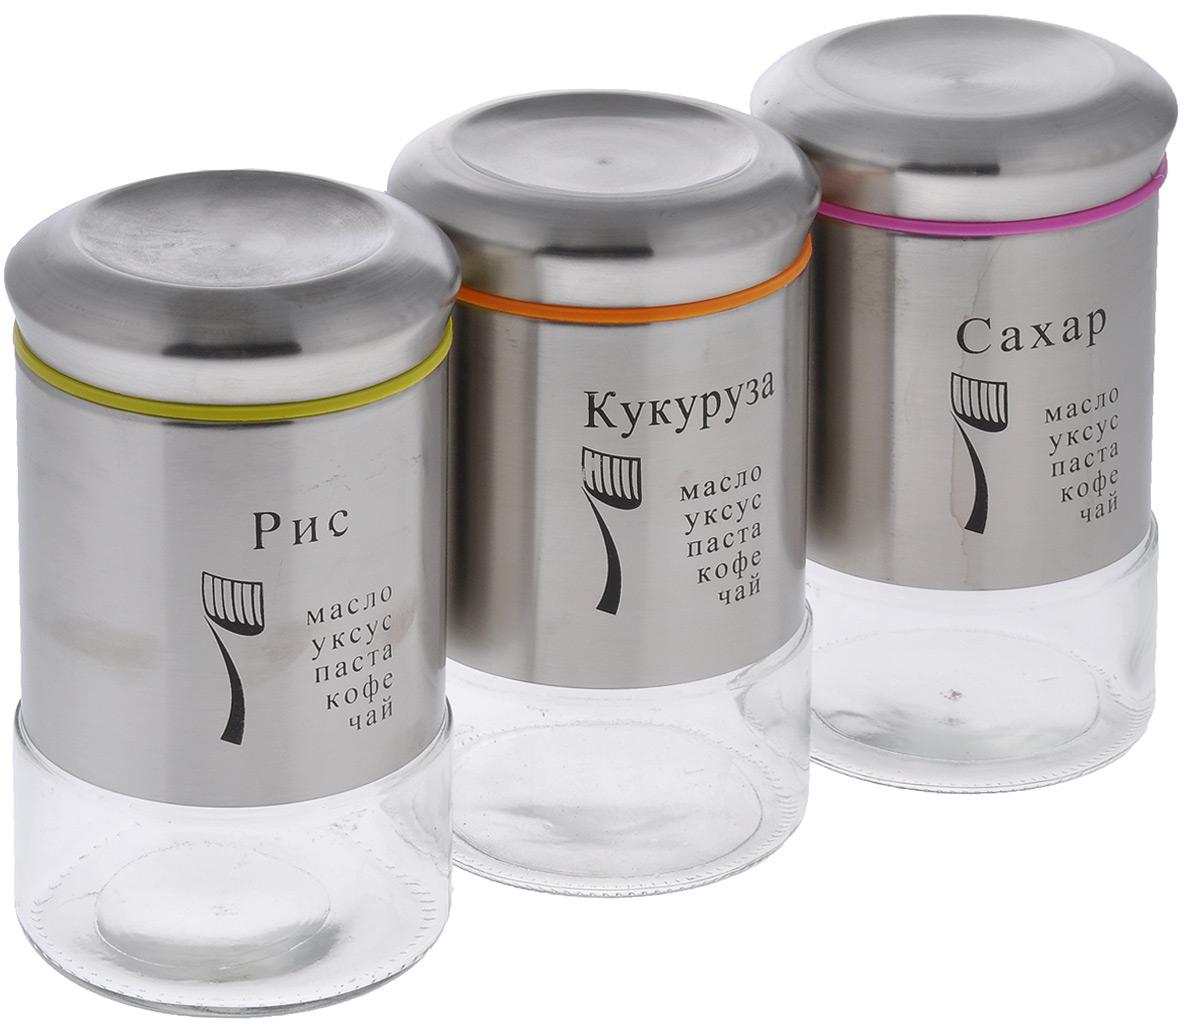 Набор банок для сыпучих продуктов Mayer & Boch, 6 предметовVT-1520(SR)Набор банок Mayer & Boch изготовлен из первоклассной нержавеющей стали и стекла. Емкости можно наполнять любыми, используемыми Вами специями. Плотное закрытие крышки помогает сохранить свежесть и аромат содержимого, при этом не позволяет проникновение влаги. Такие банки обеспечат длительную сохранность ваших продуктов, а также безопасность от грызунов и насекомых. Диаметр банок (по верхнему краю): 8,5 см.Высота банок (без учета крышки): 17,7 см. Объем банок: 750 мл. Количество банок: 3 шт.